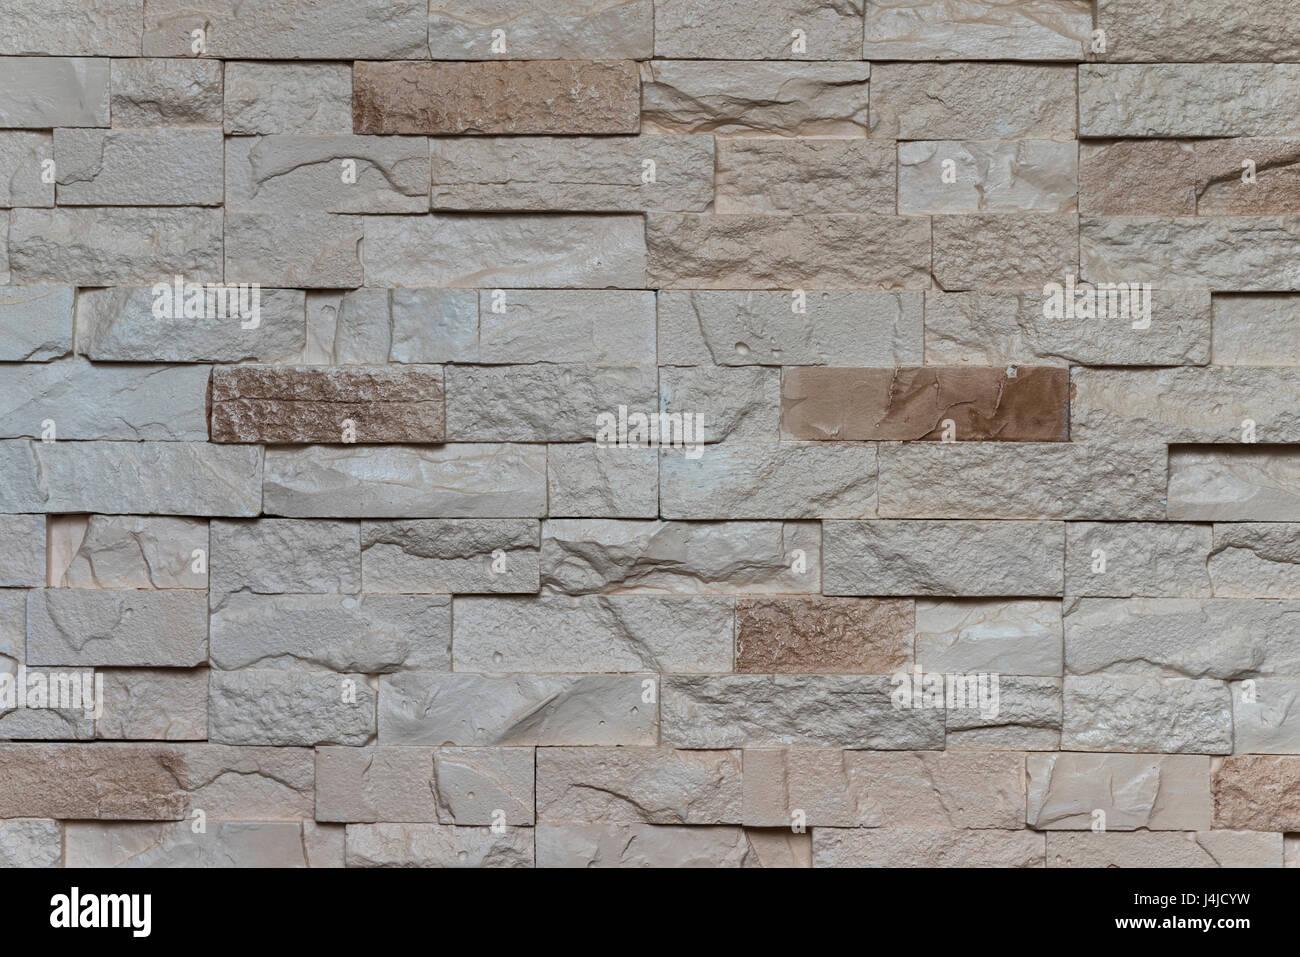 Fondo De Piedra Moderna Pared Interior O Exterior Foto Imagen De - Piedra-pared-exterior